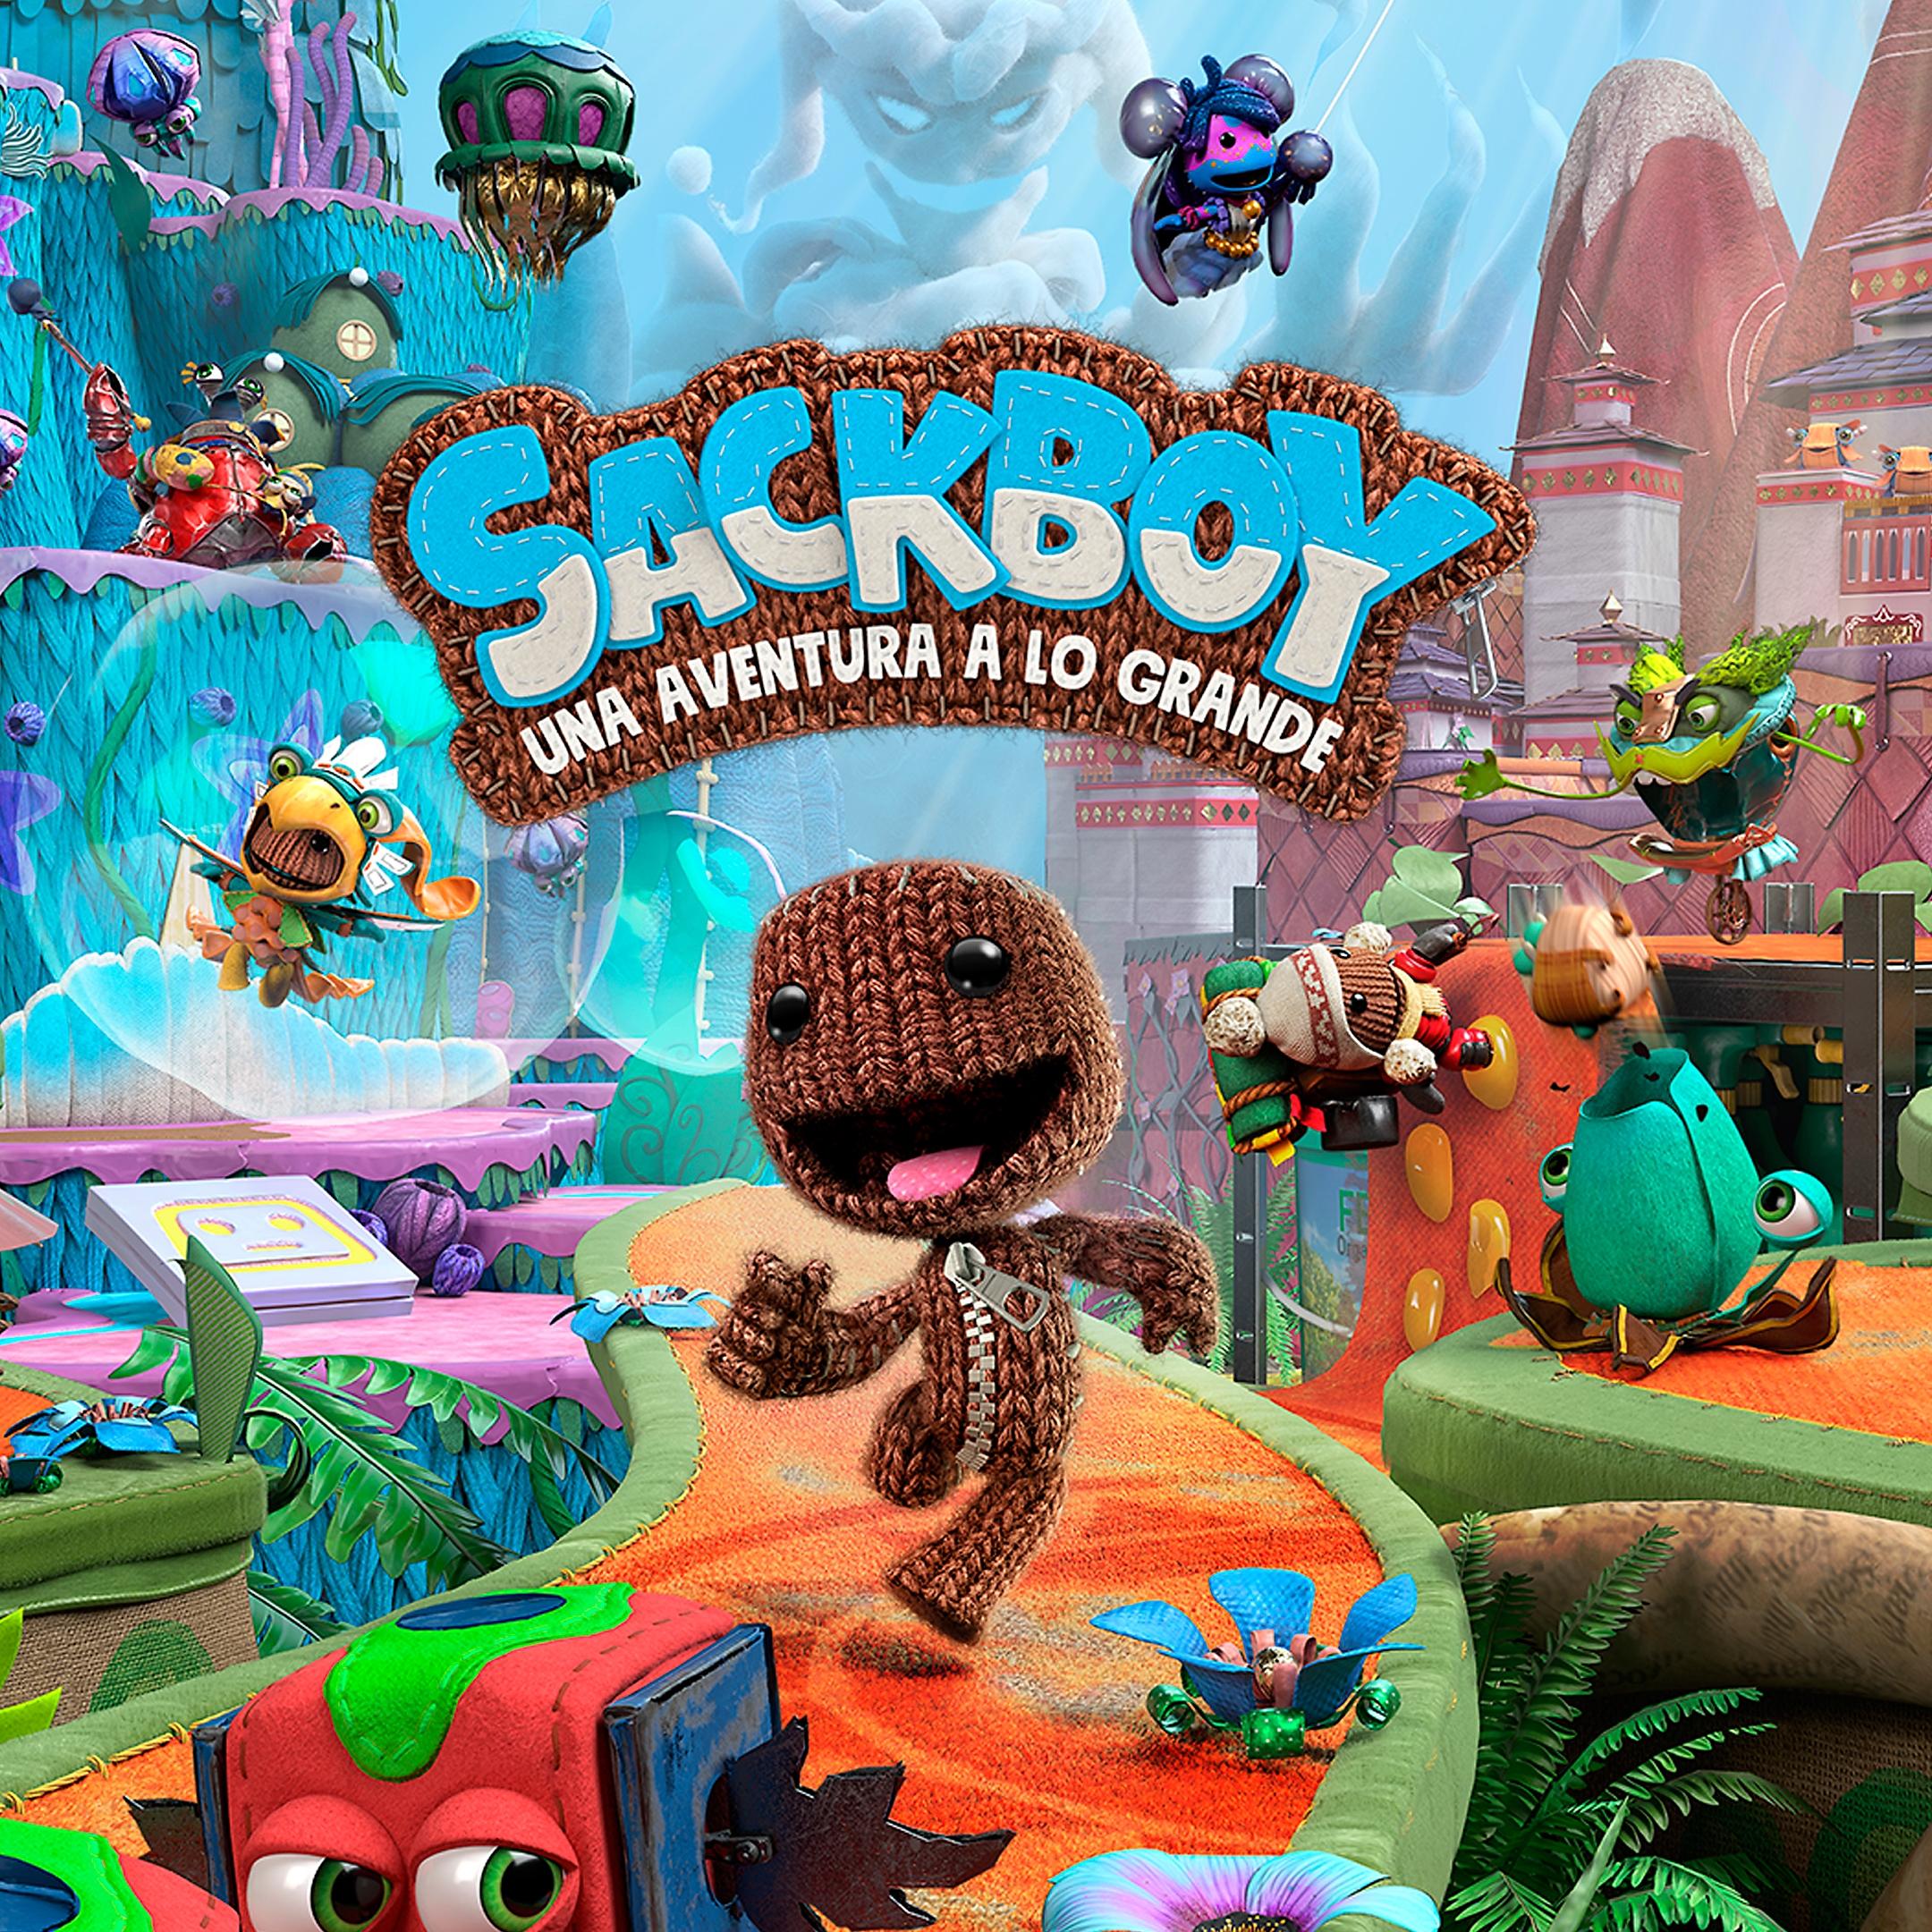 Sackboy: Miniatura de Una aventura a lo grande